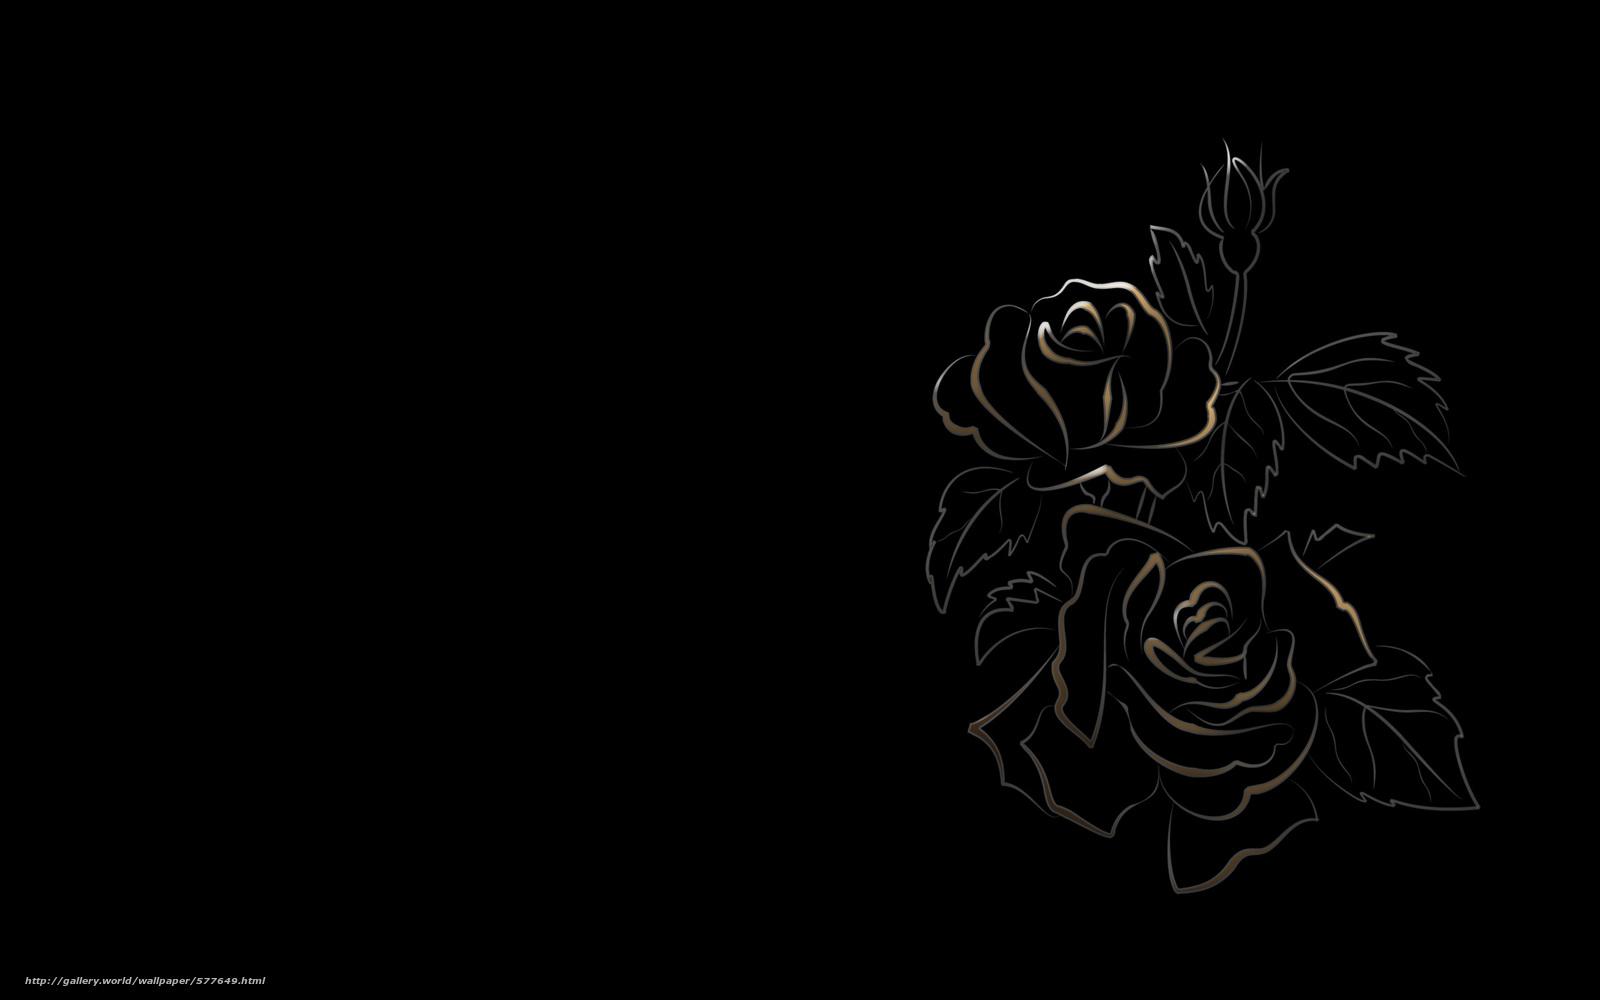 Tlcharger fond d 39 ecran dessin fond noir fleurs fonds d - Dessin fond noir ...